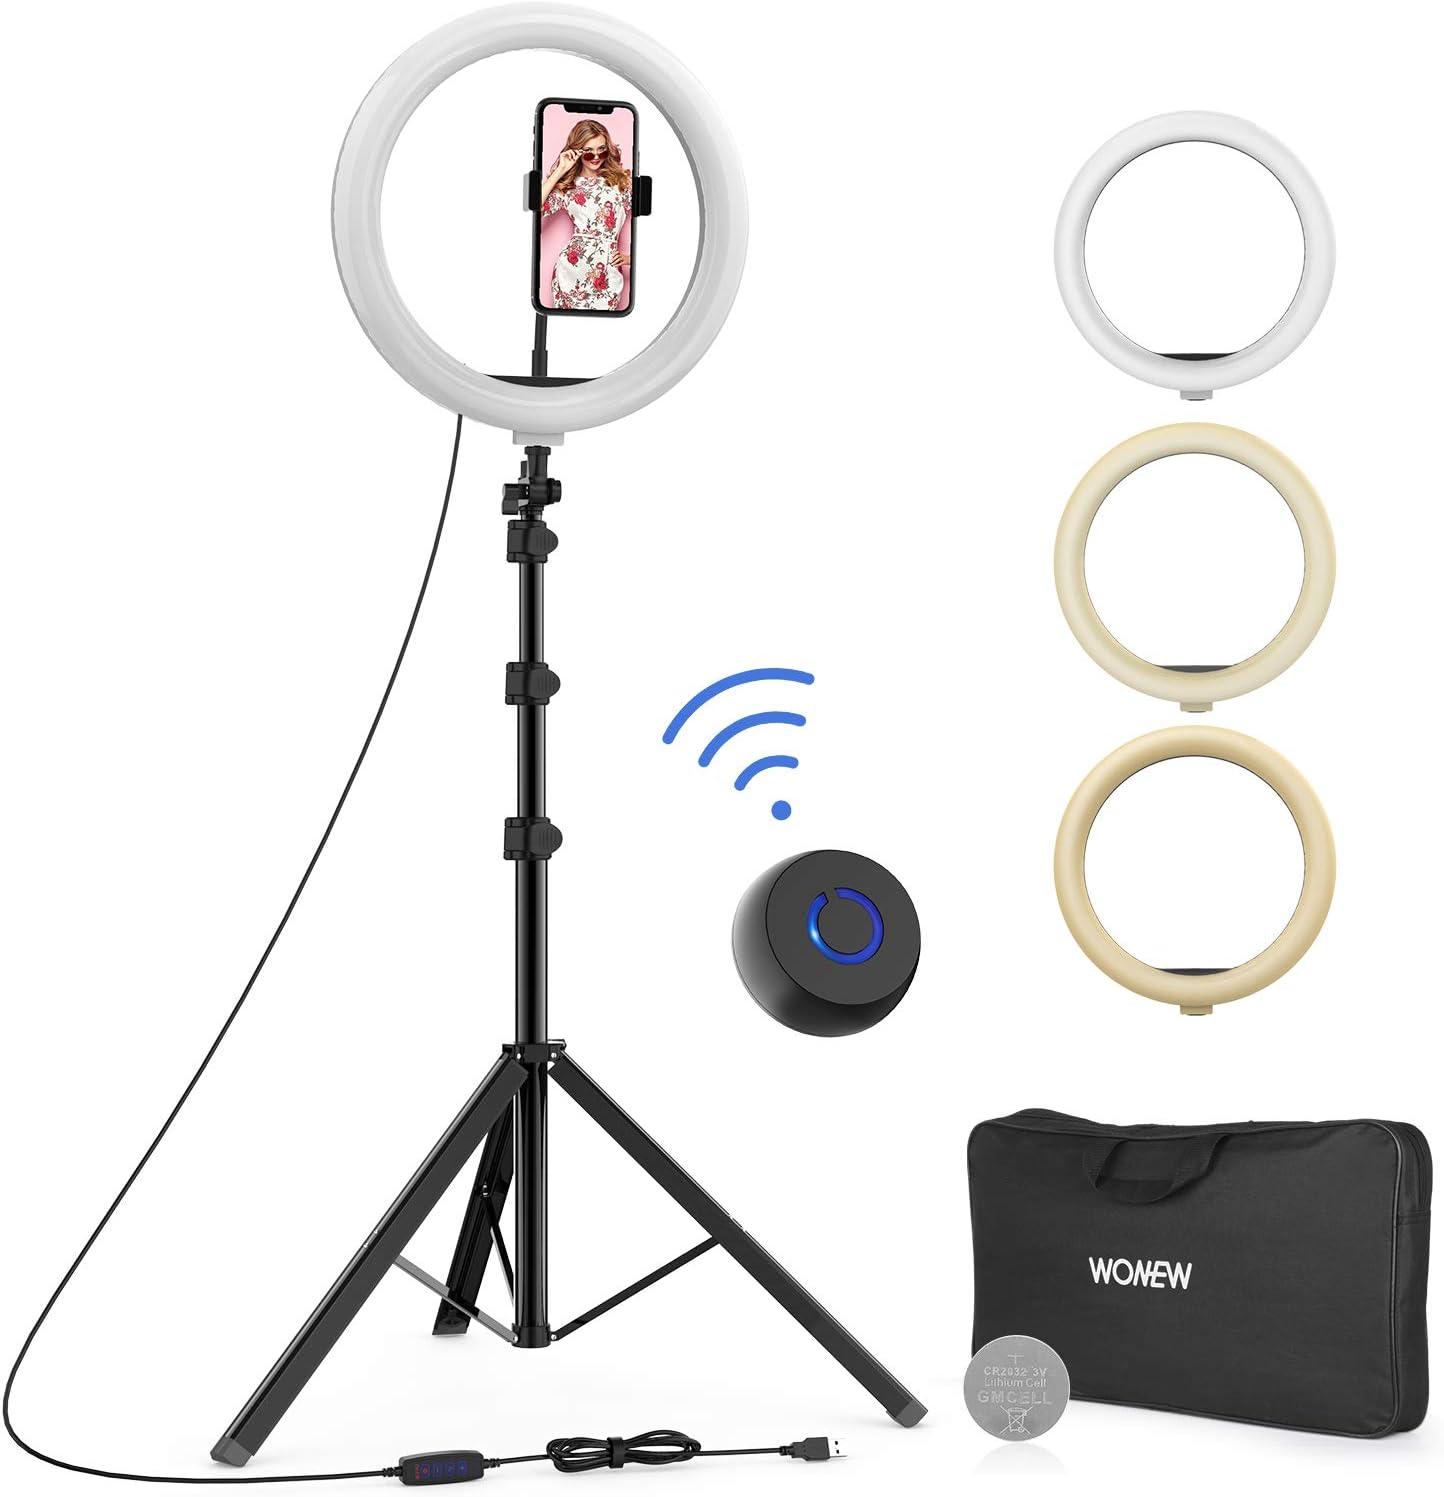 Soporte para trípode WONEW 12 Selfie Ring Light (DQNY)